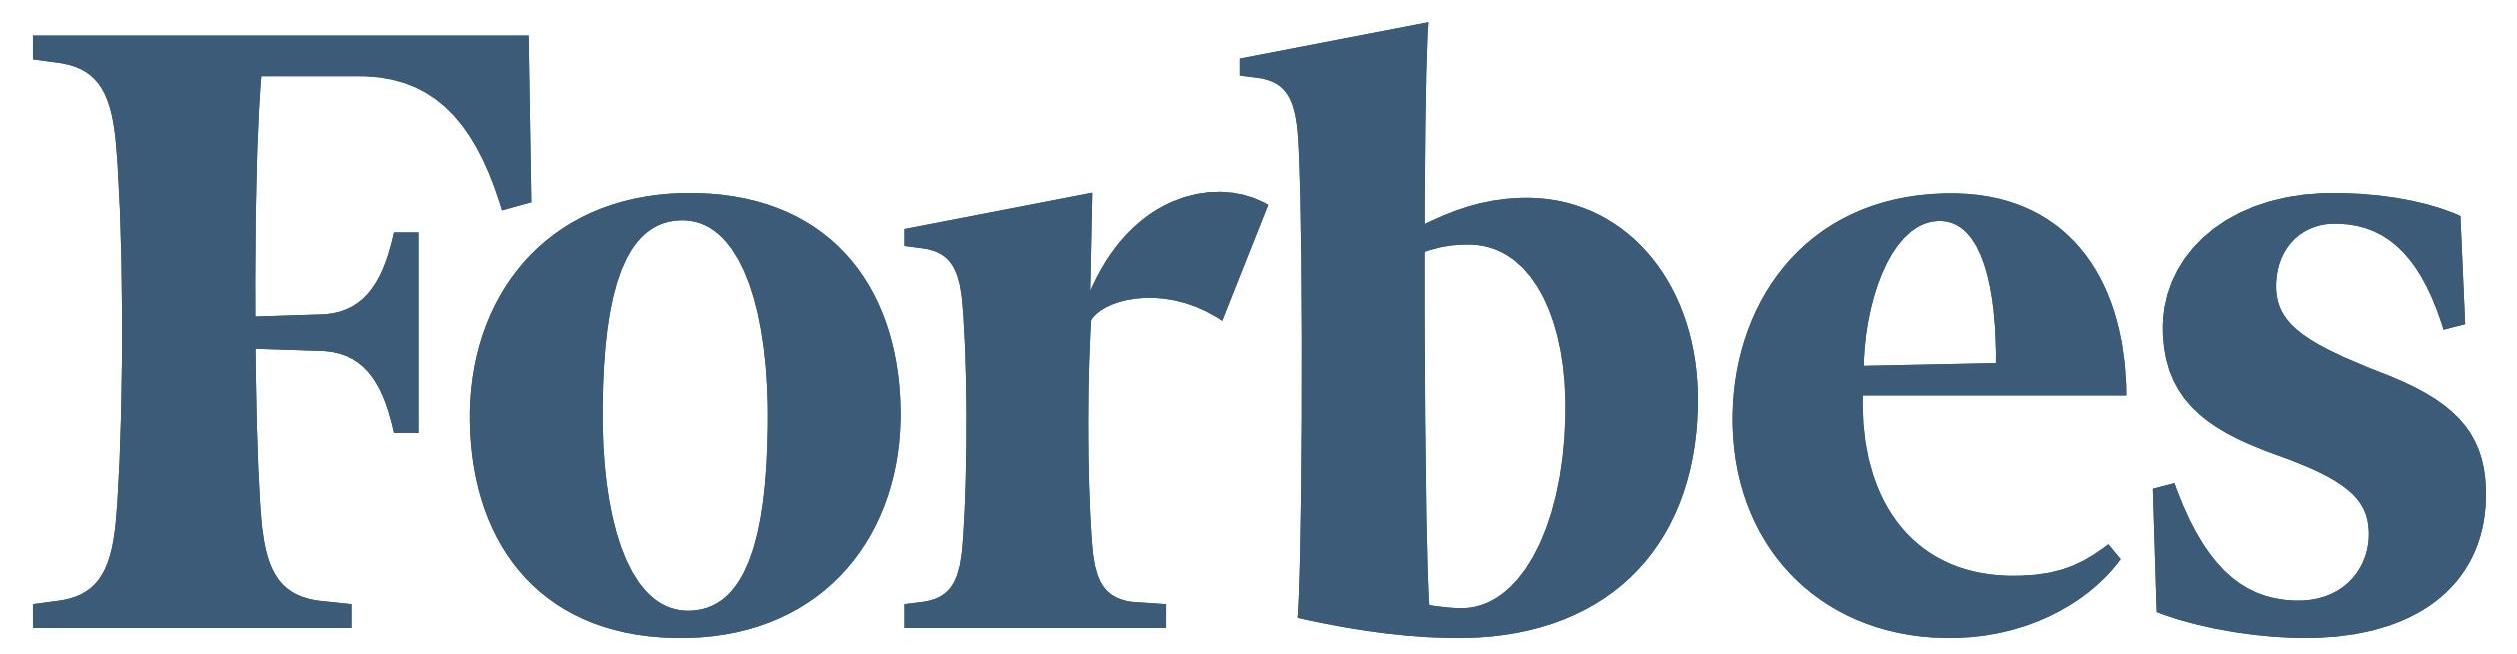 «Журнал миллиардеров» логотип бренда